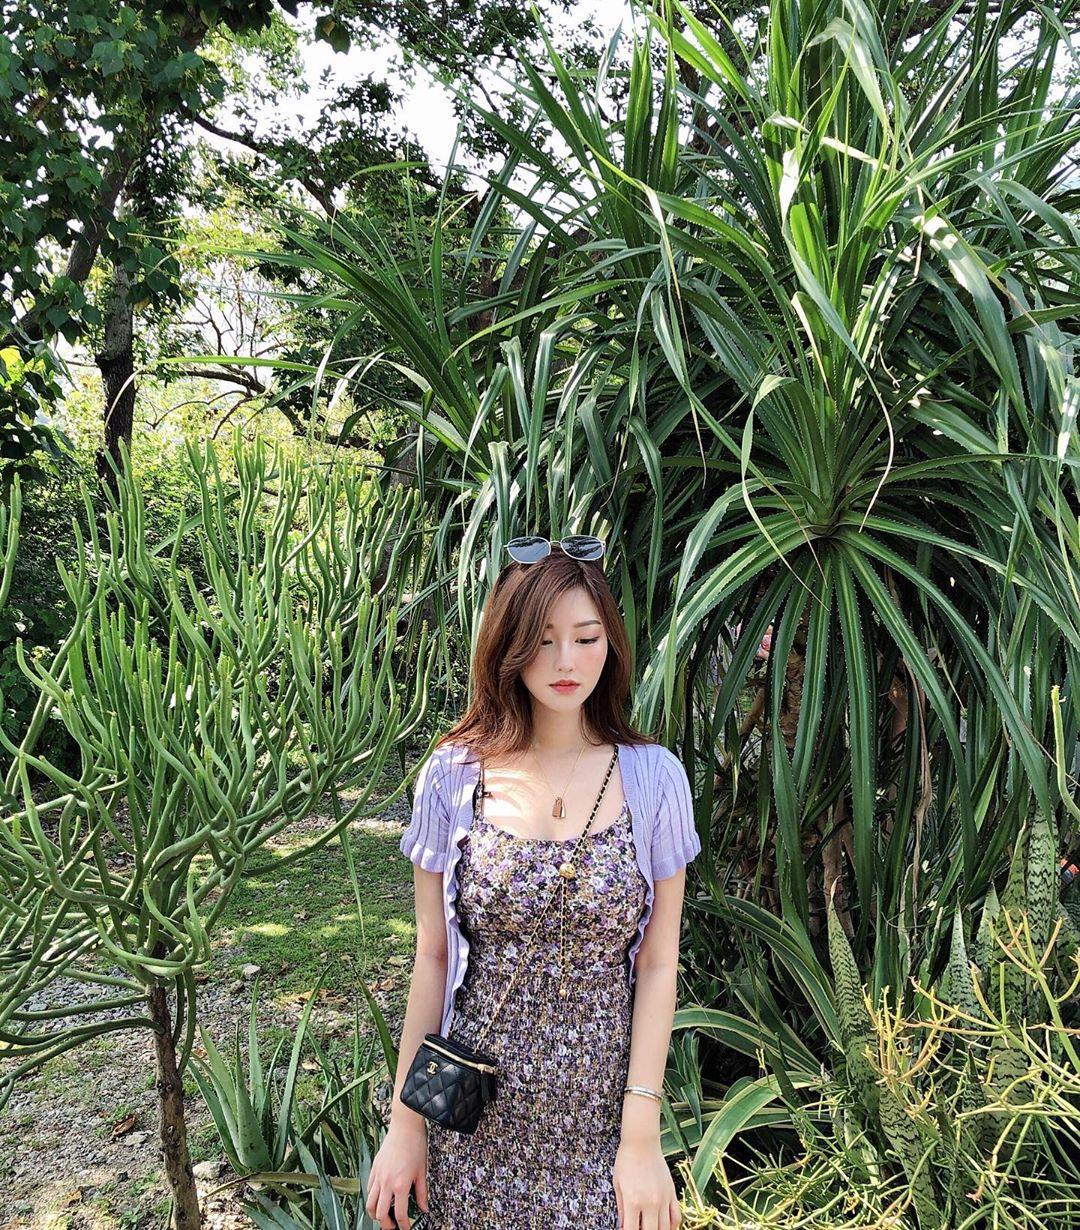 偶爾欣賞一下別人的老婆也不錯 Hiu Ching - 美女圖 -